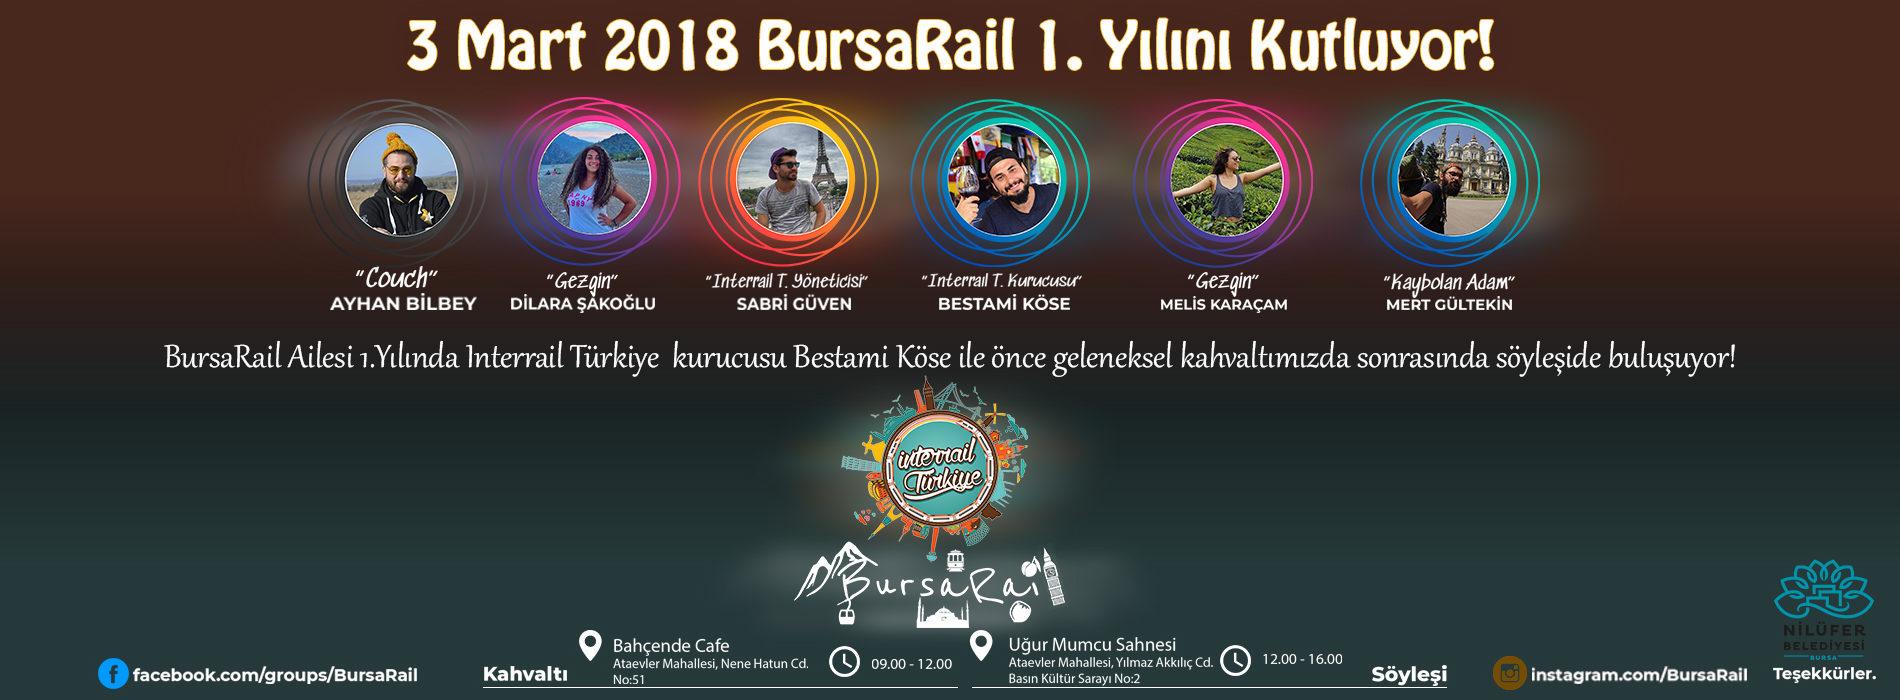 Bursarail 1.Yılında Kahvaltı ve Söyleşide Buluşuyor!